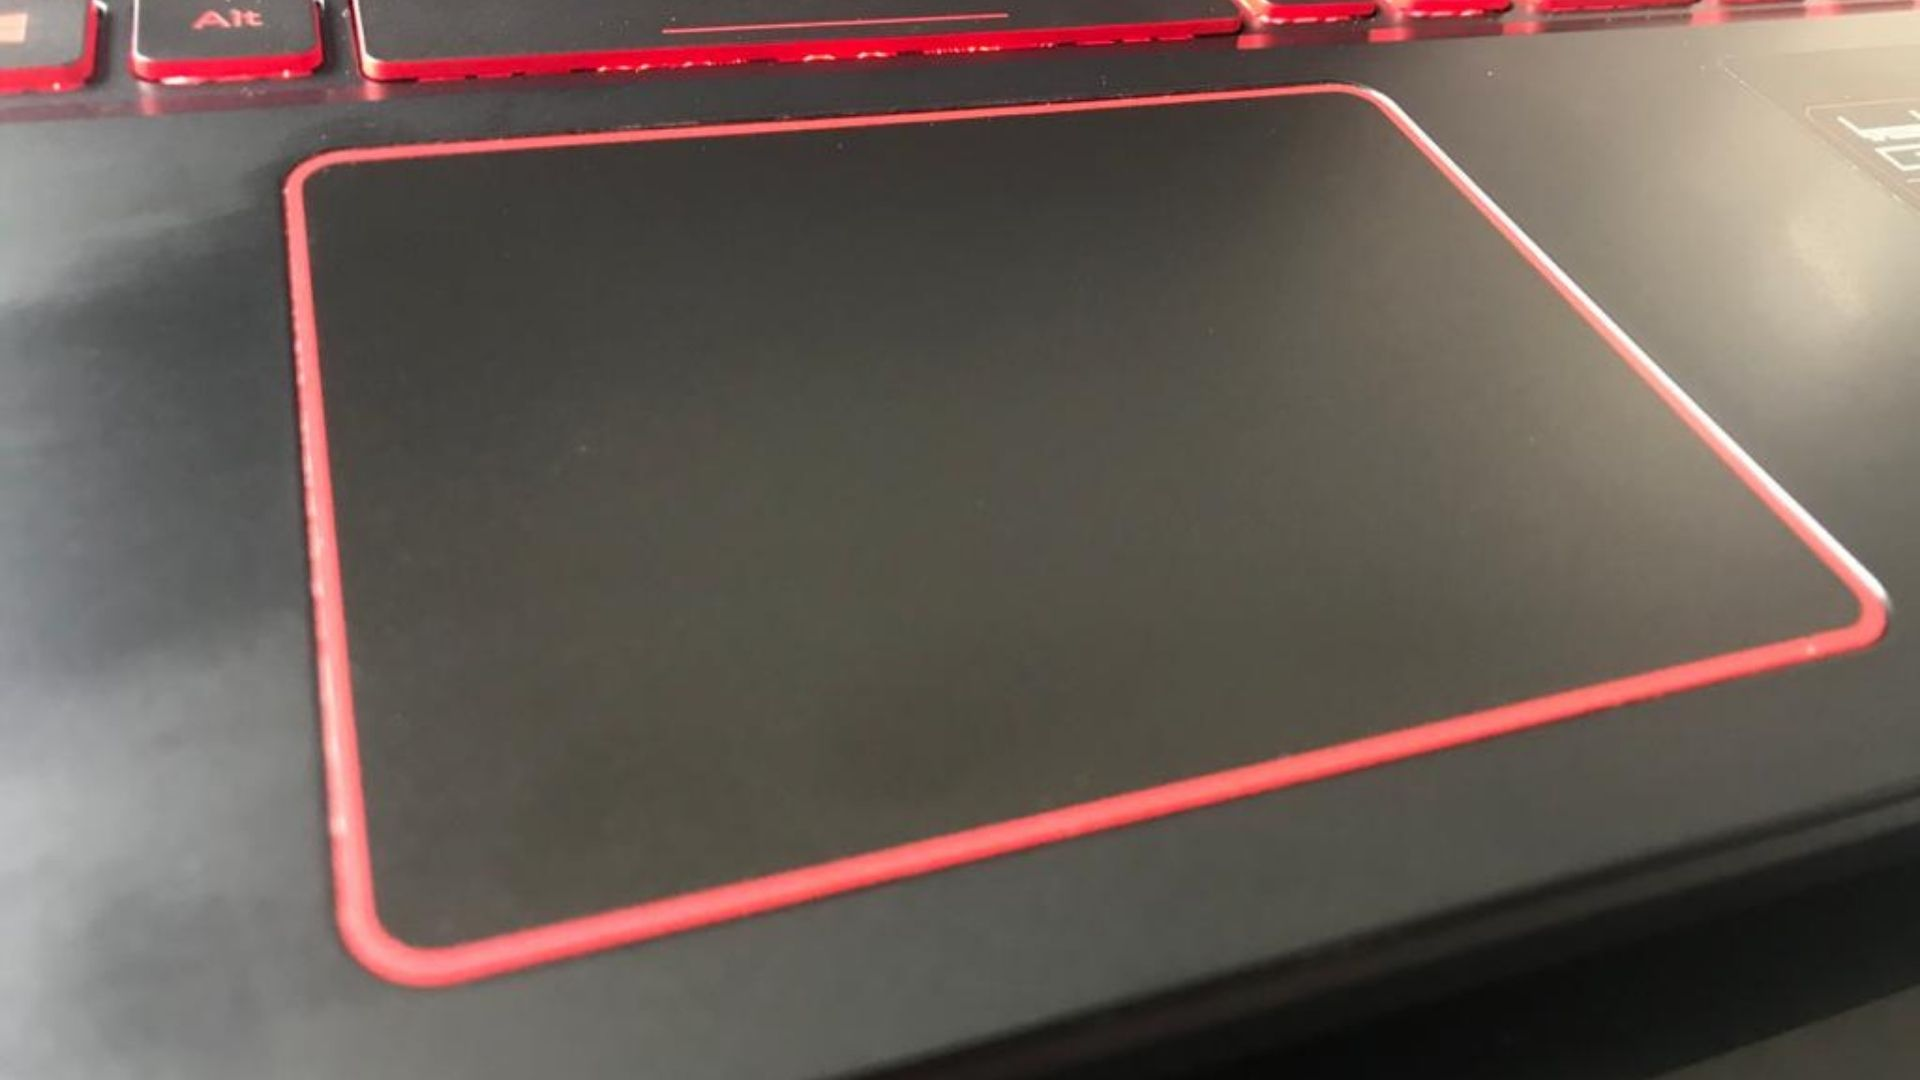 O trackpad do Acer Aspire Nitro 5 é bonito, mas deixa a desejar na experiência para o usuário (Foto: Guilherme Toscano)